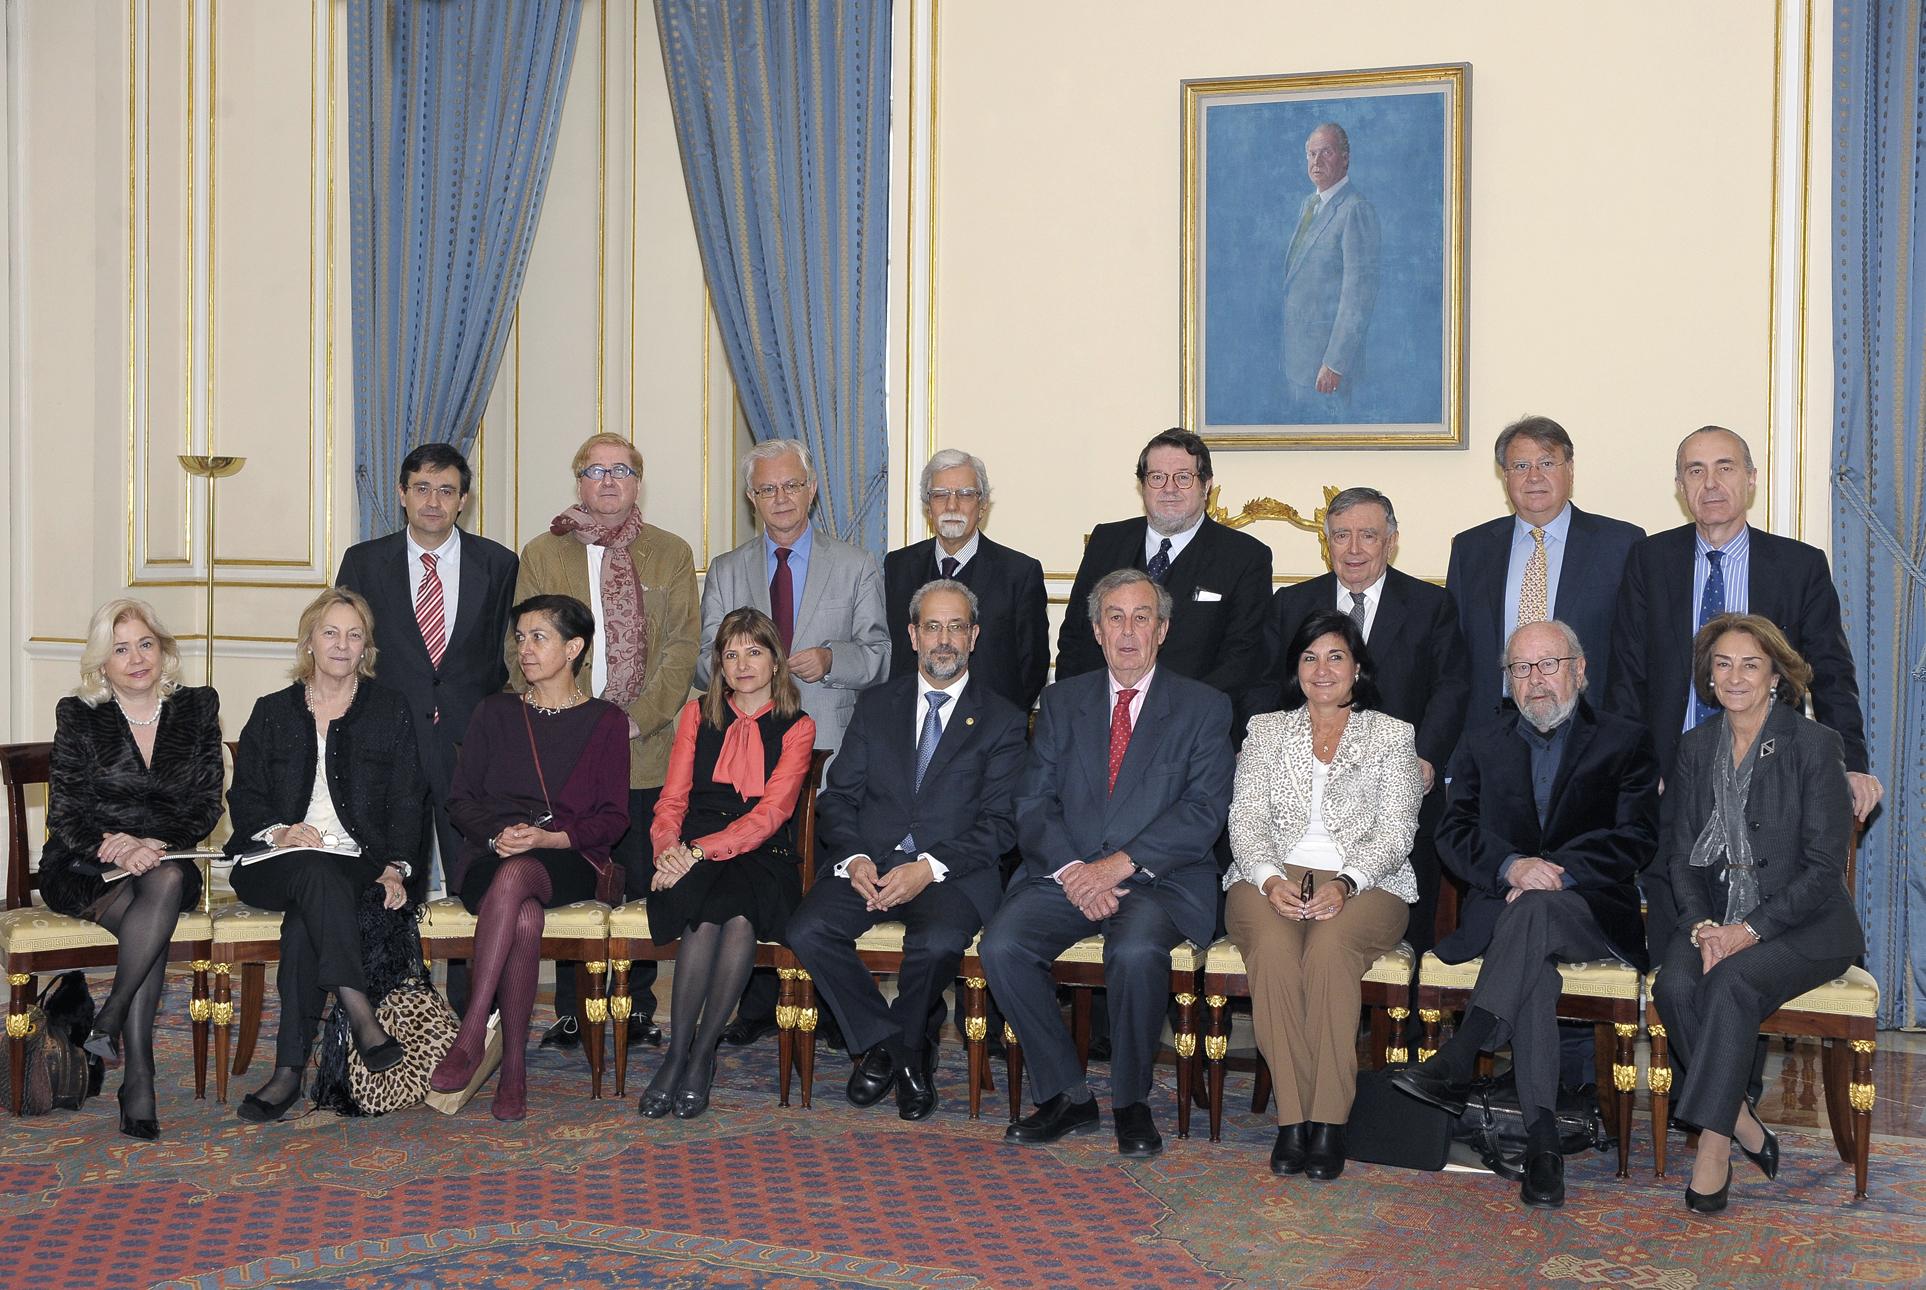 El escritor nicaragüense Ernesto Cardenal, ganador del XXI Premio Reina Sofía de Poesía Iberoamericana